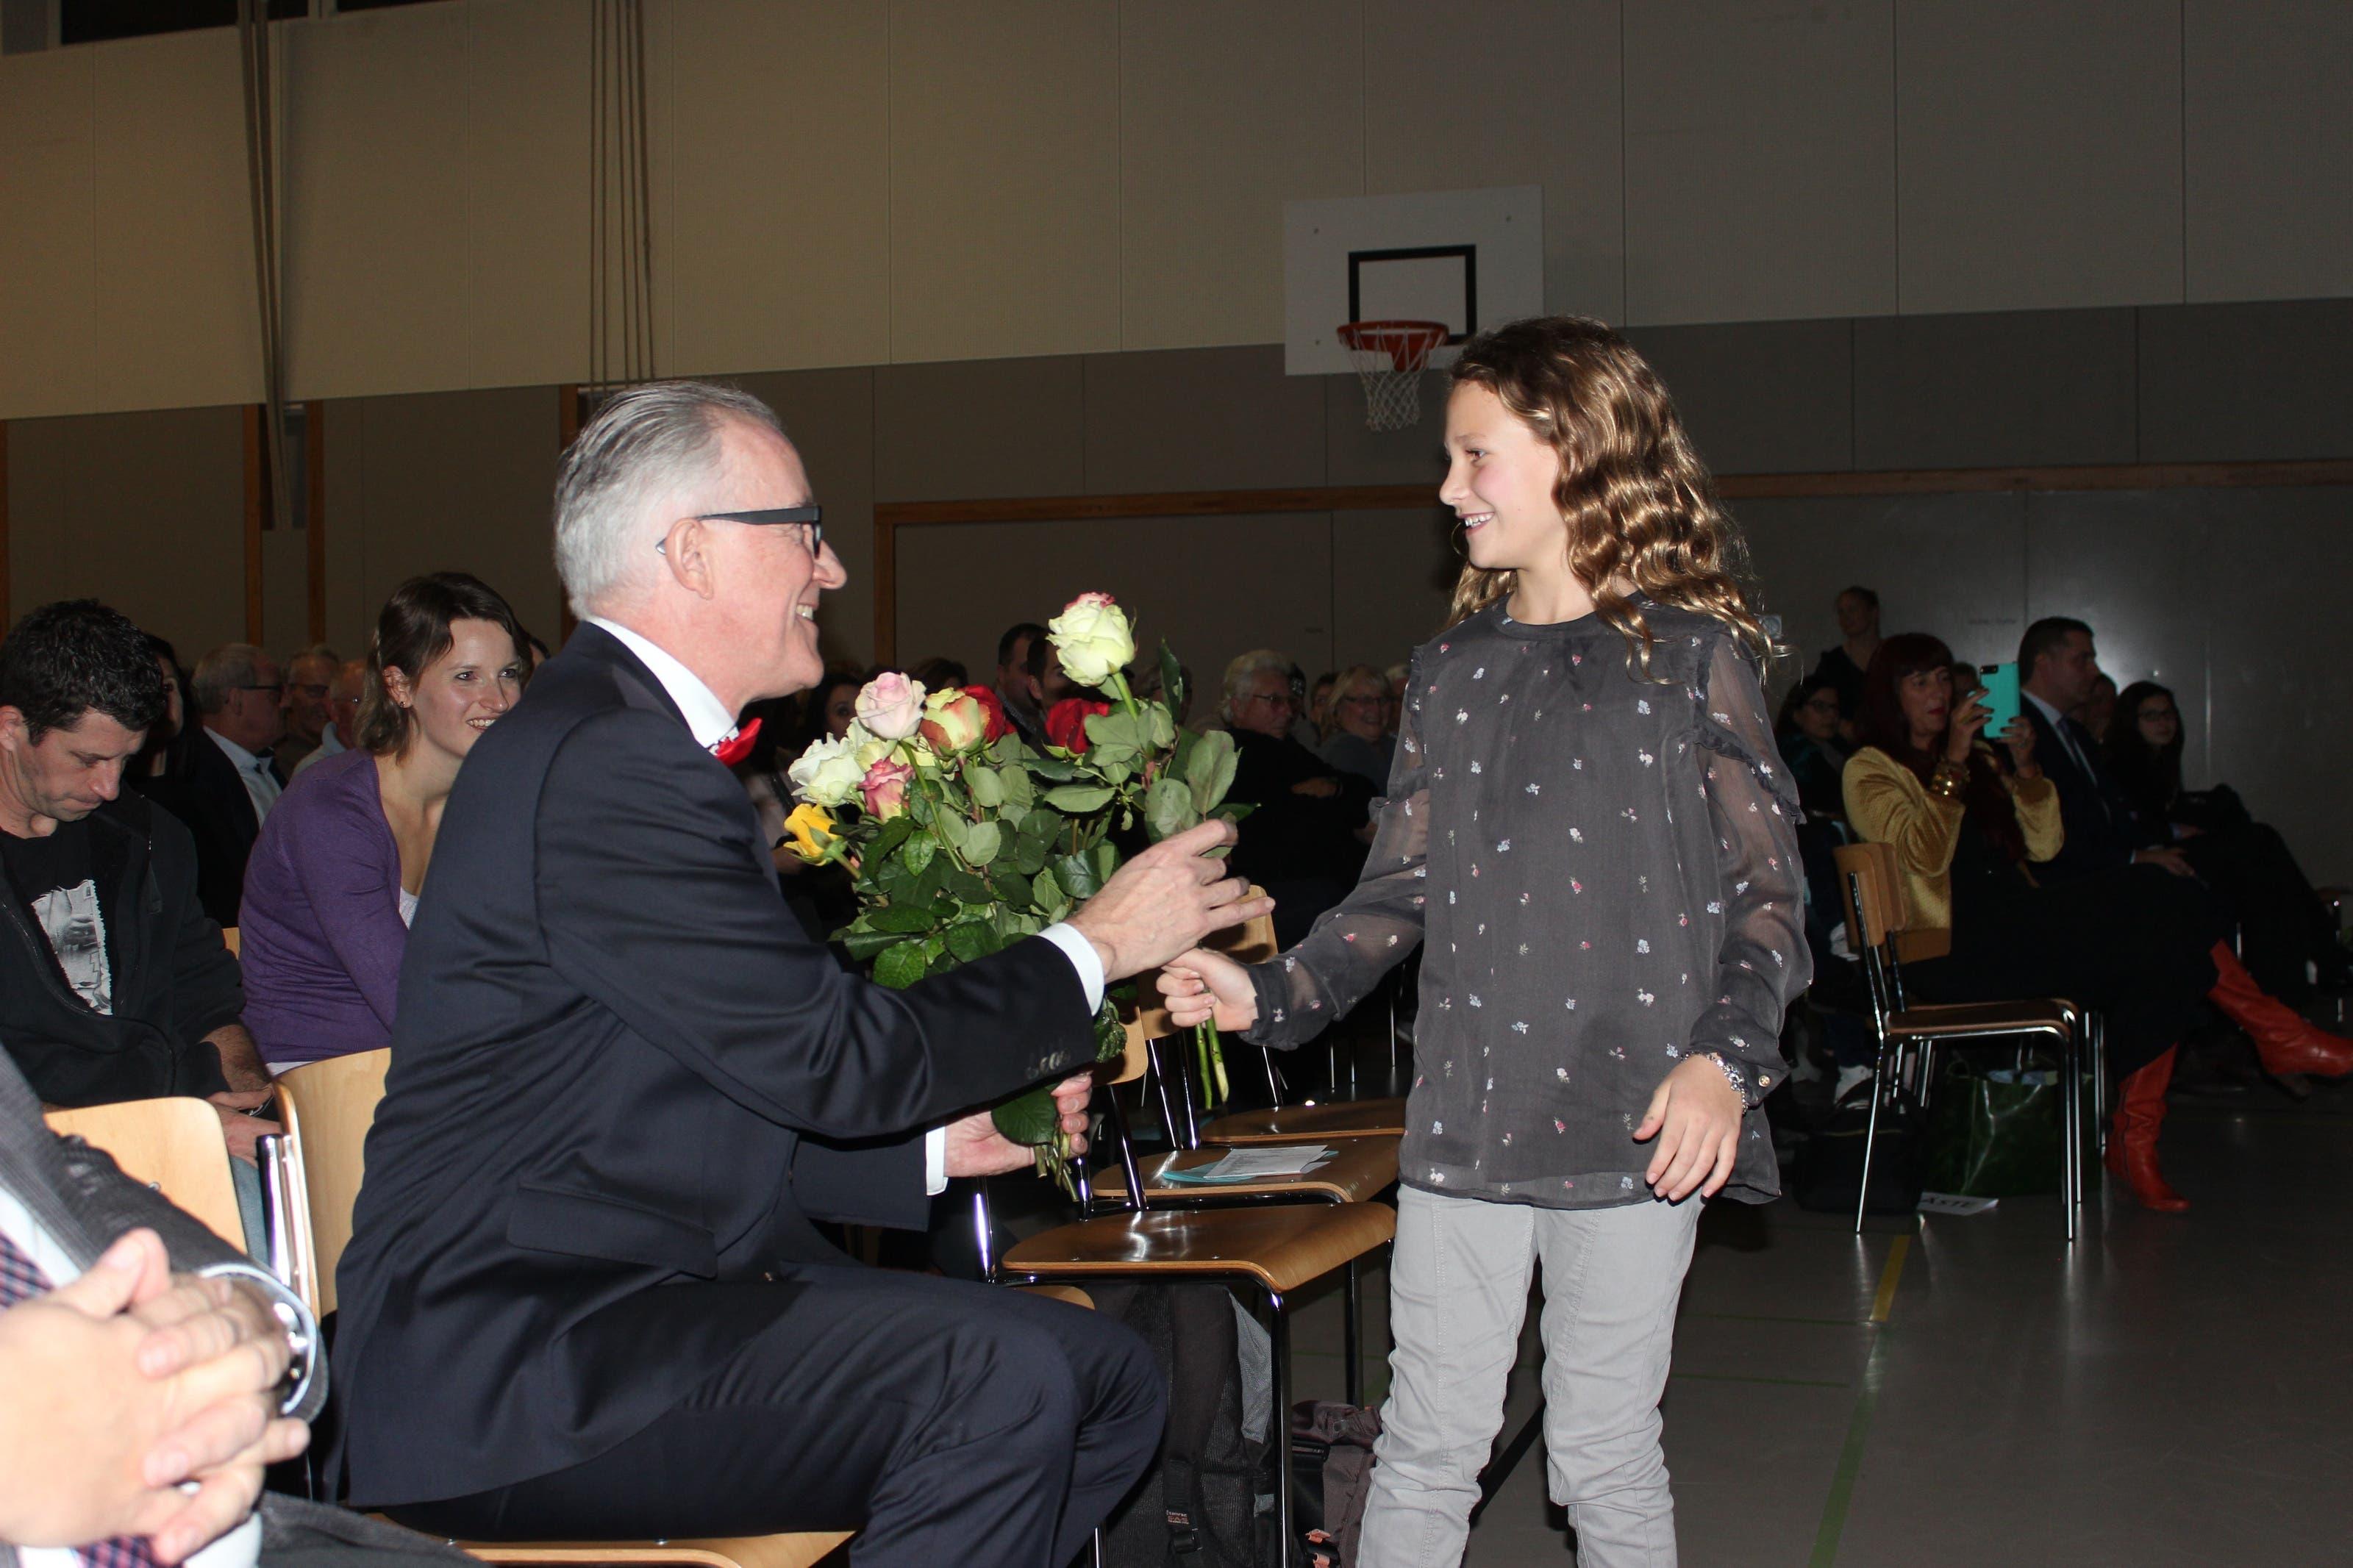 .... erhielt der langjährige Gemeindeammann eine Rose um die andere.